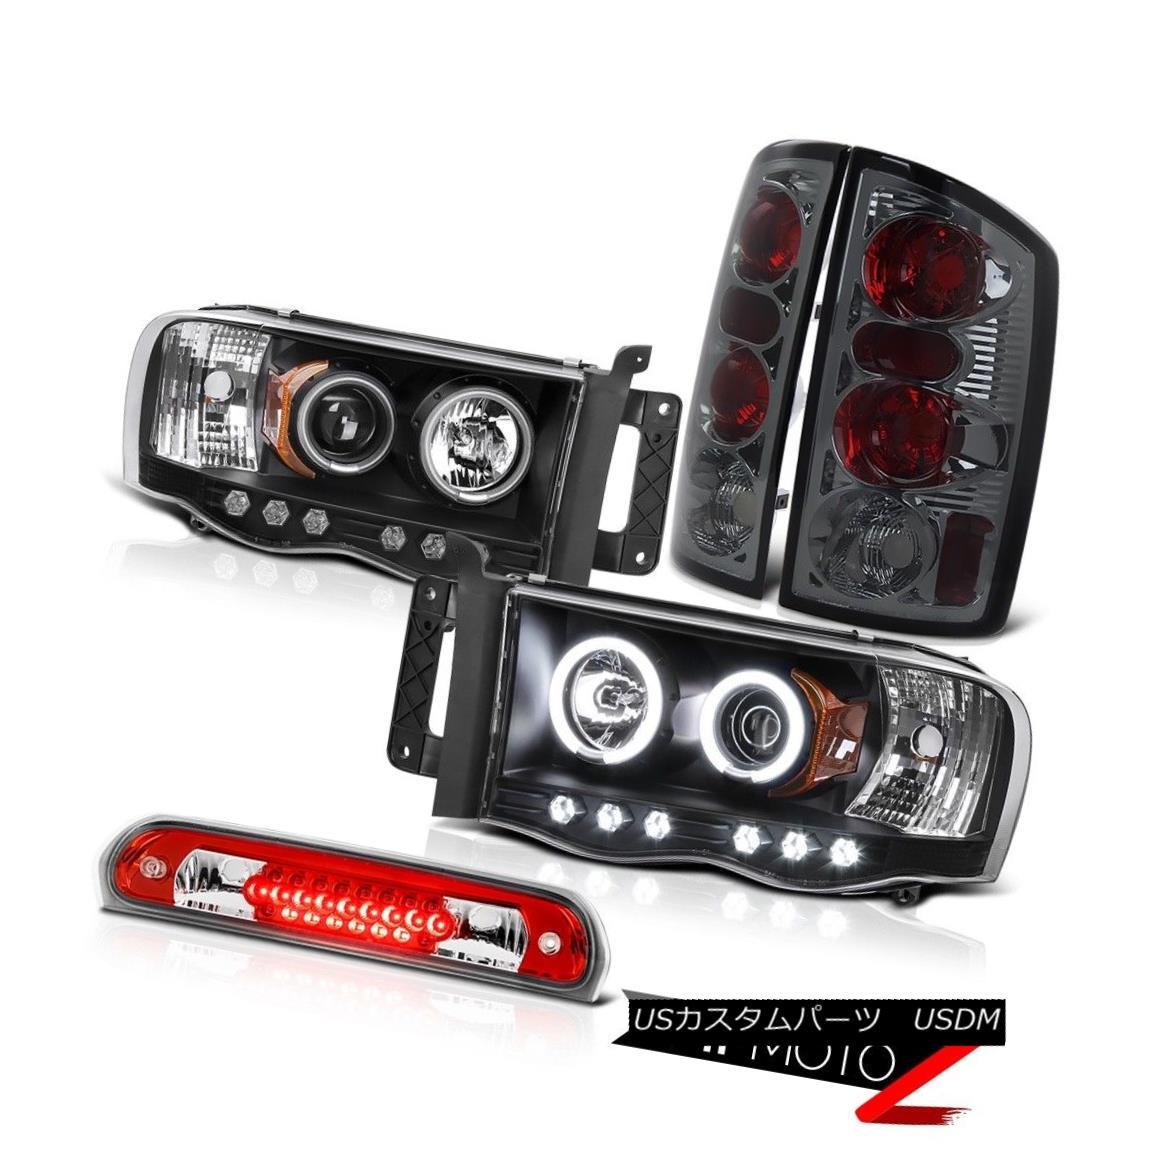 ヘッドライト Brightest Halo Headlight Brake Lamp Tail High Cargo LED 02 03 04 05 Ram Magnum 最も明るいハローヘッドライトブレーキランプテールハイカーゴLED 02 03 04 05ラムマグナム